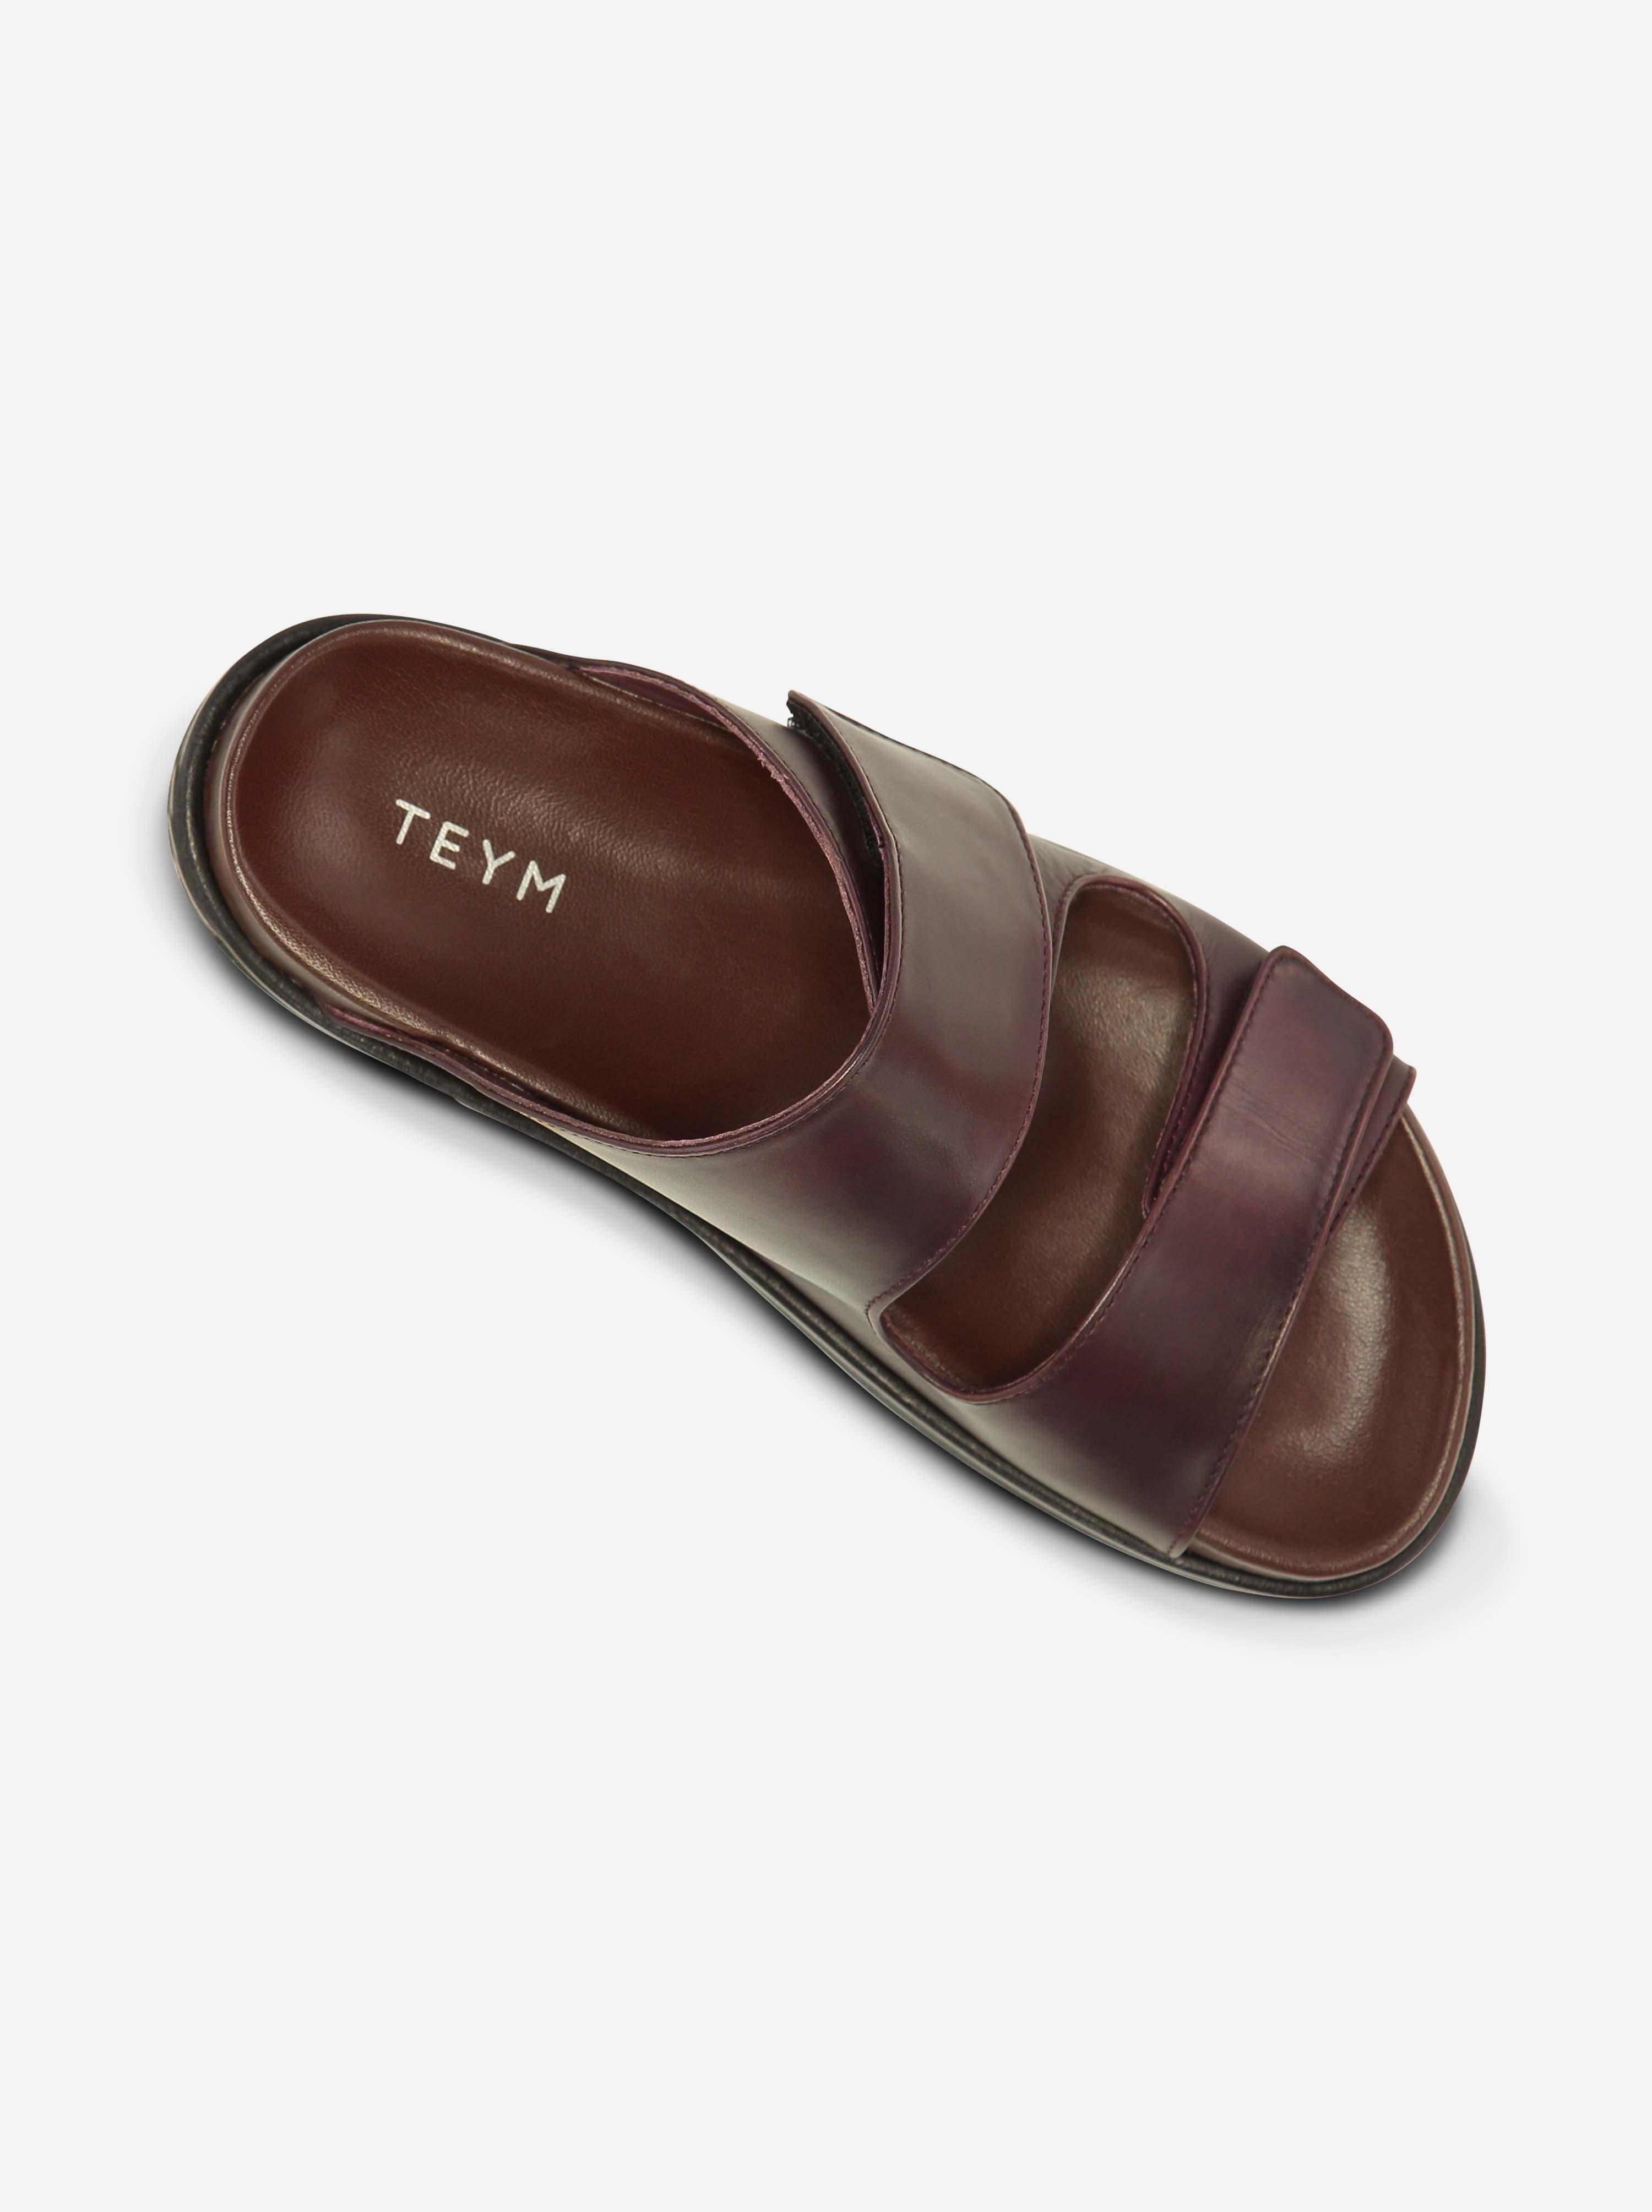 Teym - The Sandal - Burgundy - 6